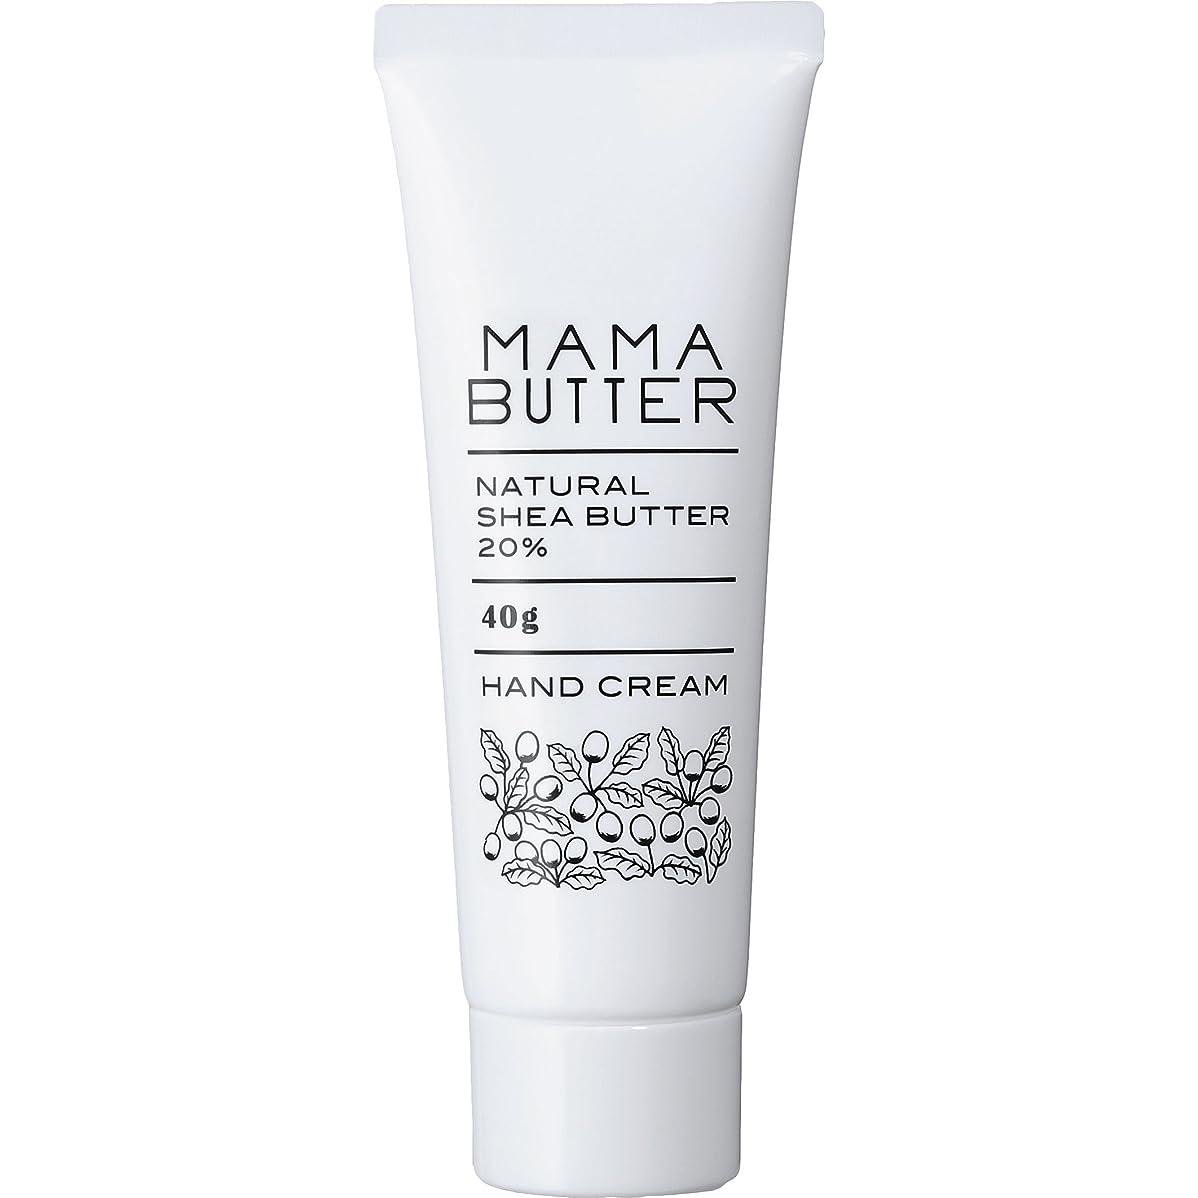 振り返る空白豊かなママバター ナチュラル シアバター ハンドクリーム 40g